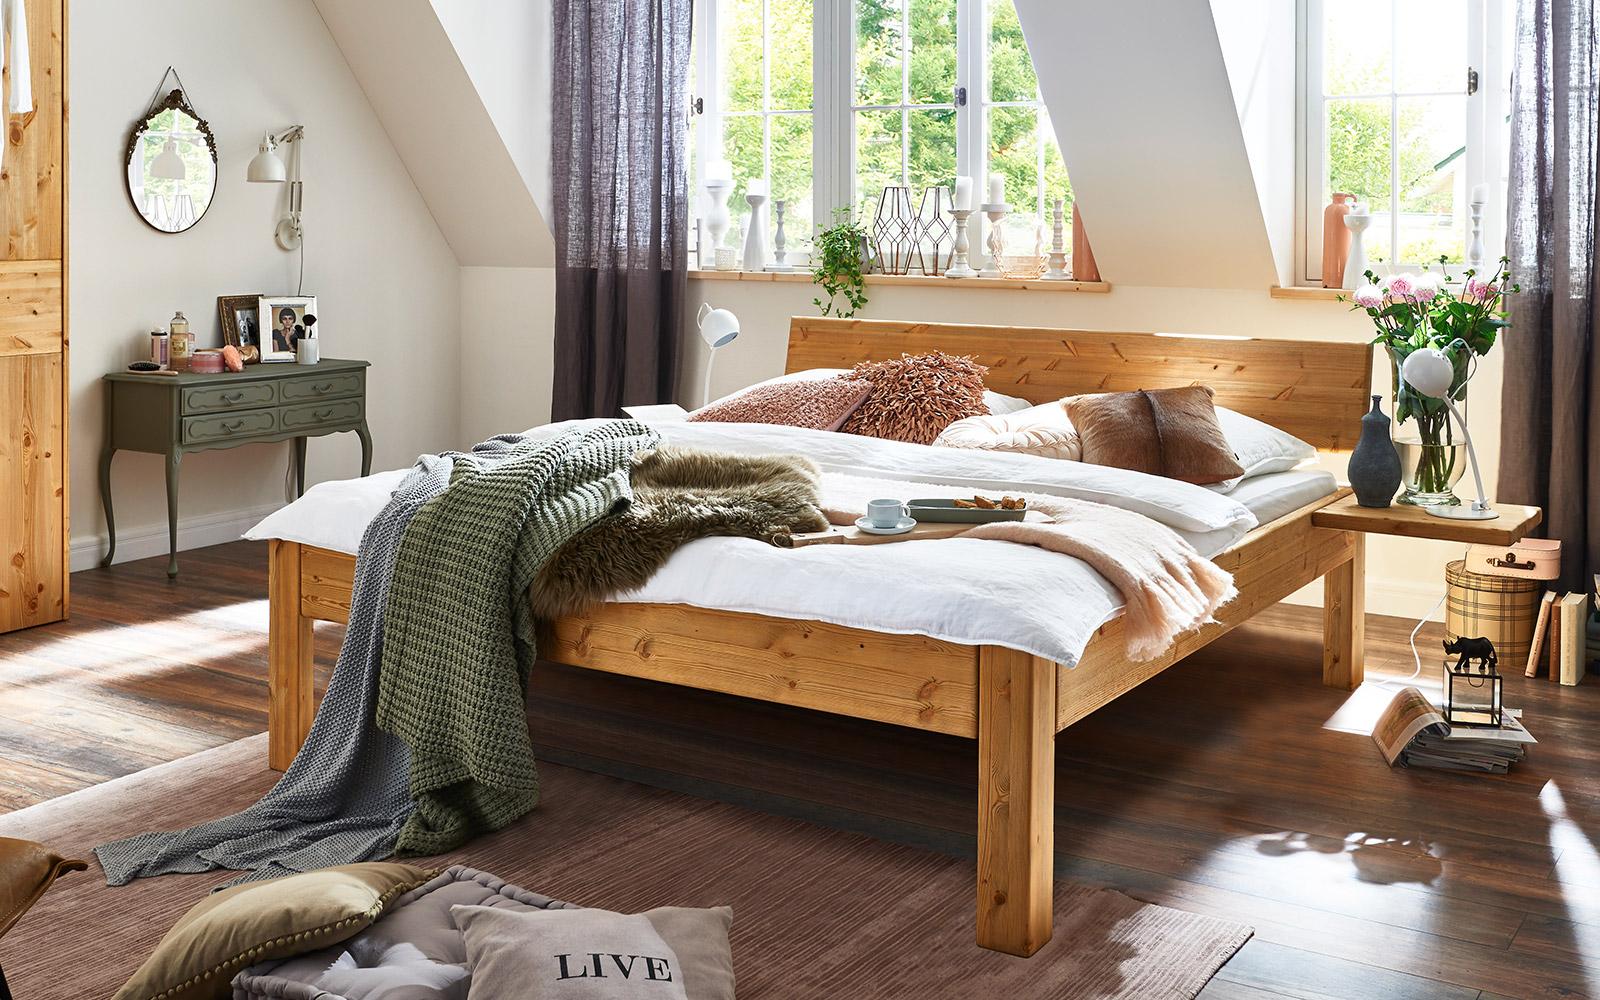 Full Size of Bett 200x220 Komforthöhe Holzbett Easy Sleep 3 Komforthhe Mobileurde Bettkasten Betten Poco Mit 160x200 Dänisches Bettenlager Badezimmer Stauraum 200x200 Wohnzimmer Bett 200x220 Komforthöhe